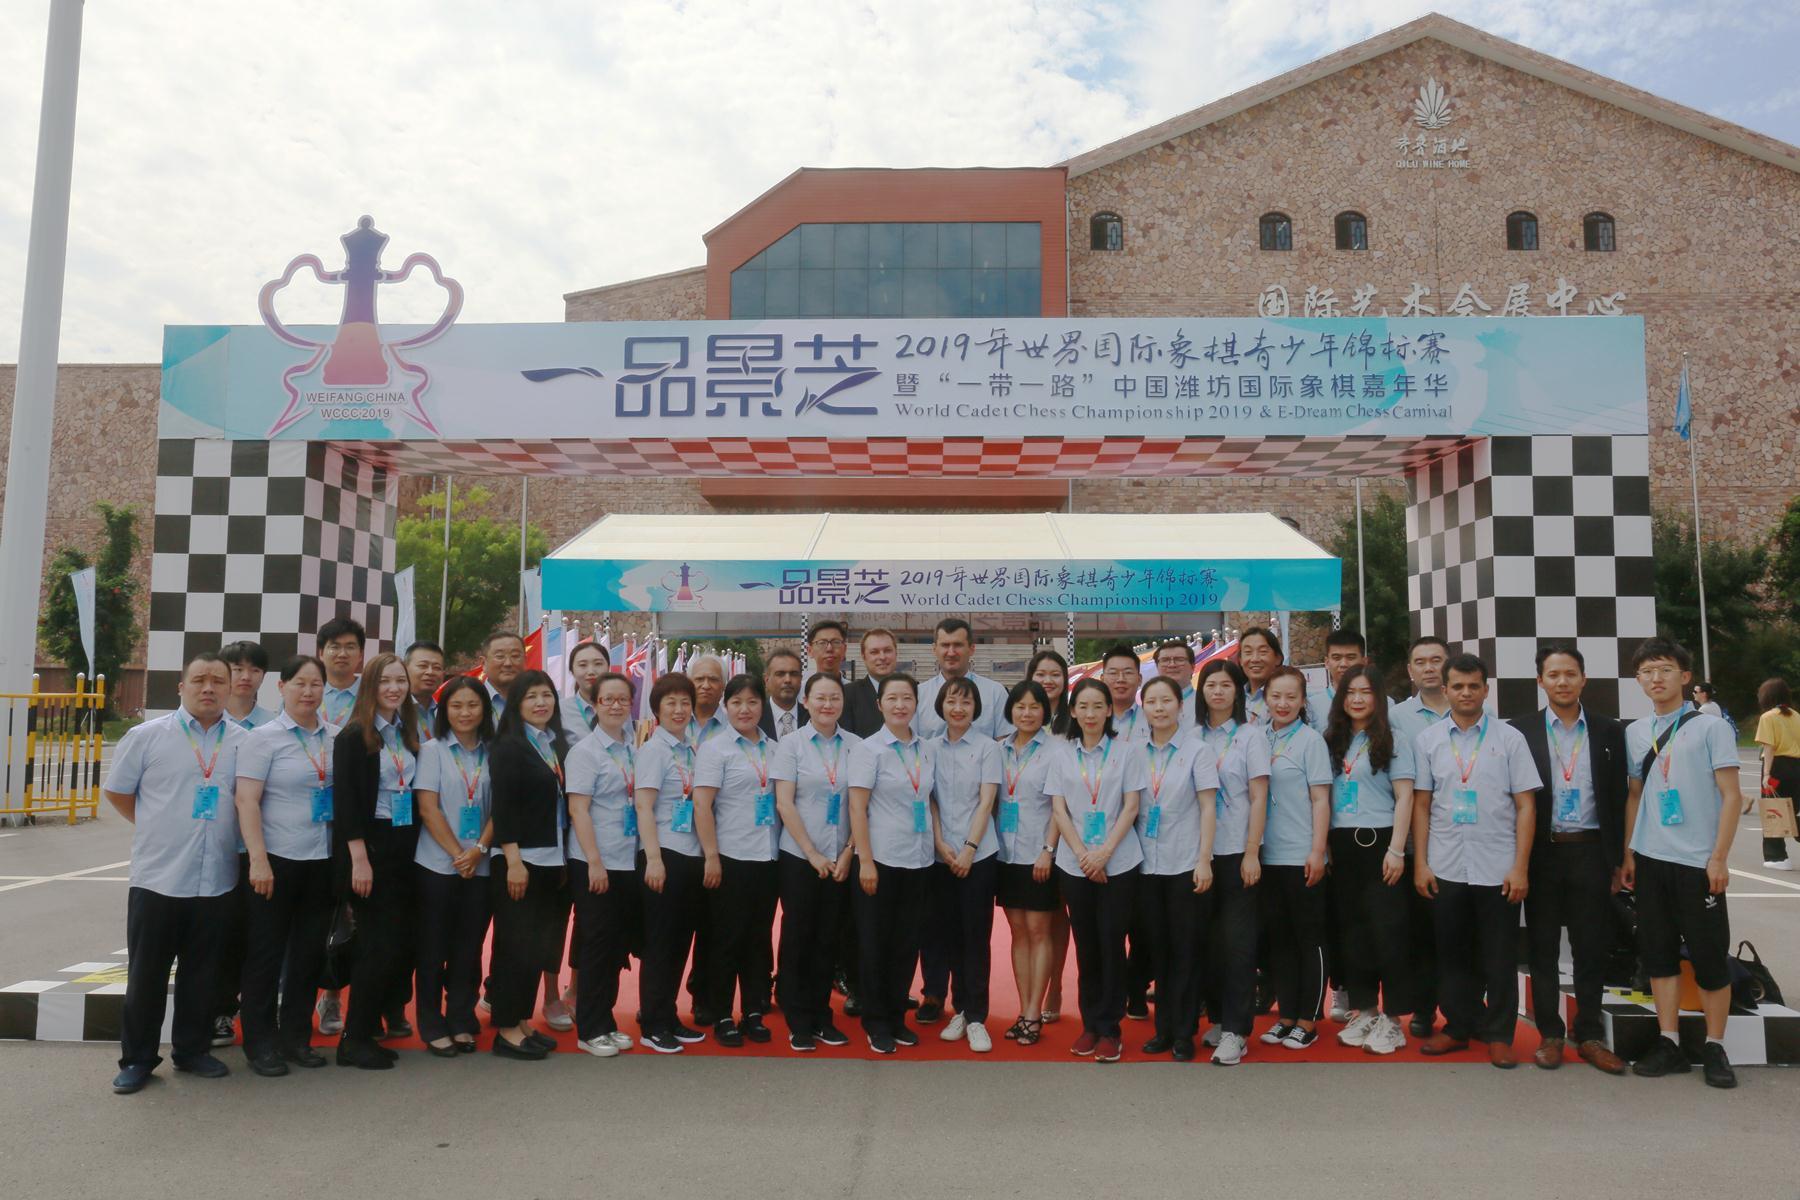 World Cadet-Weifang